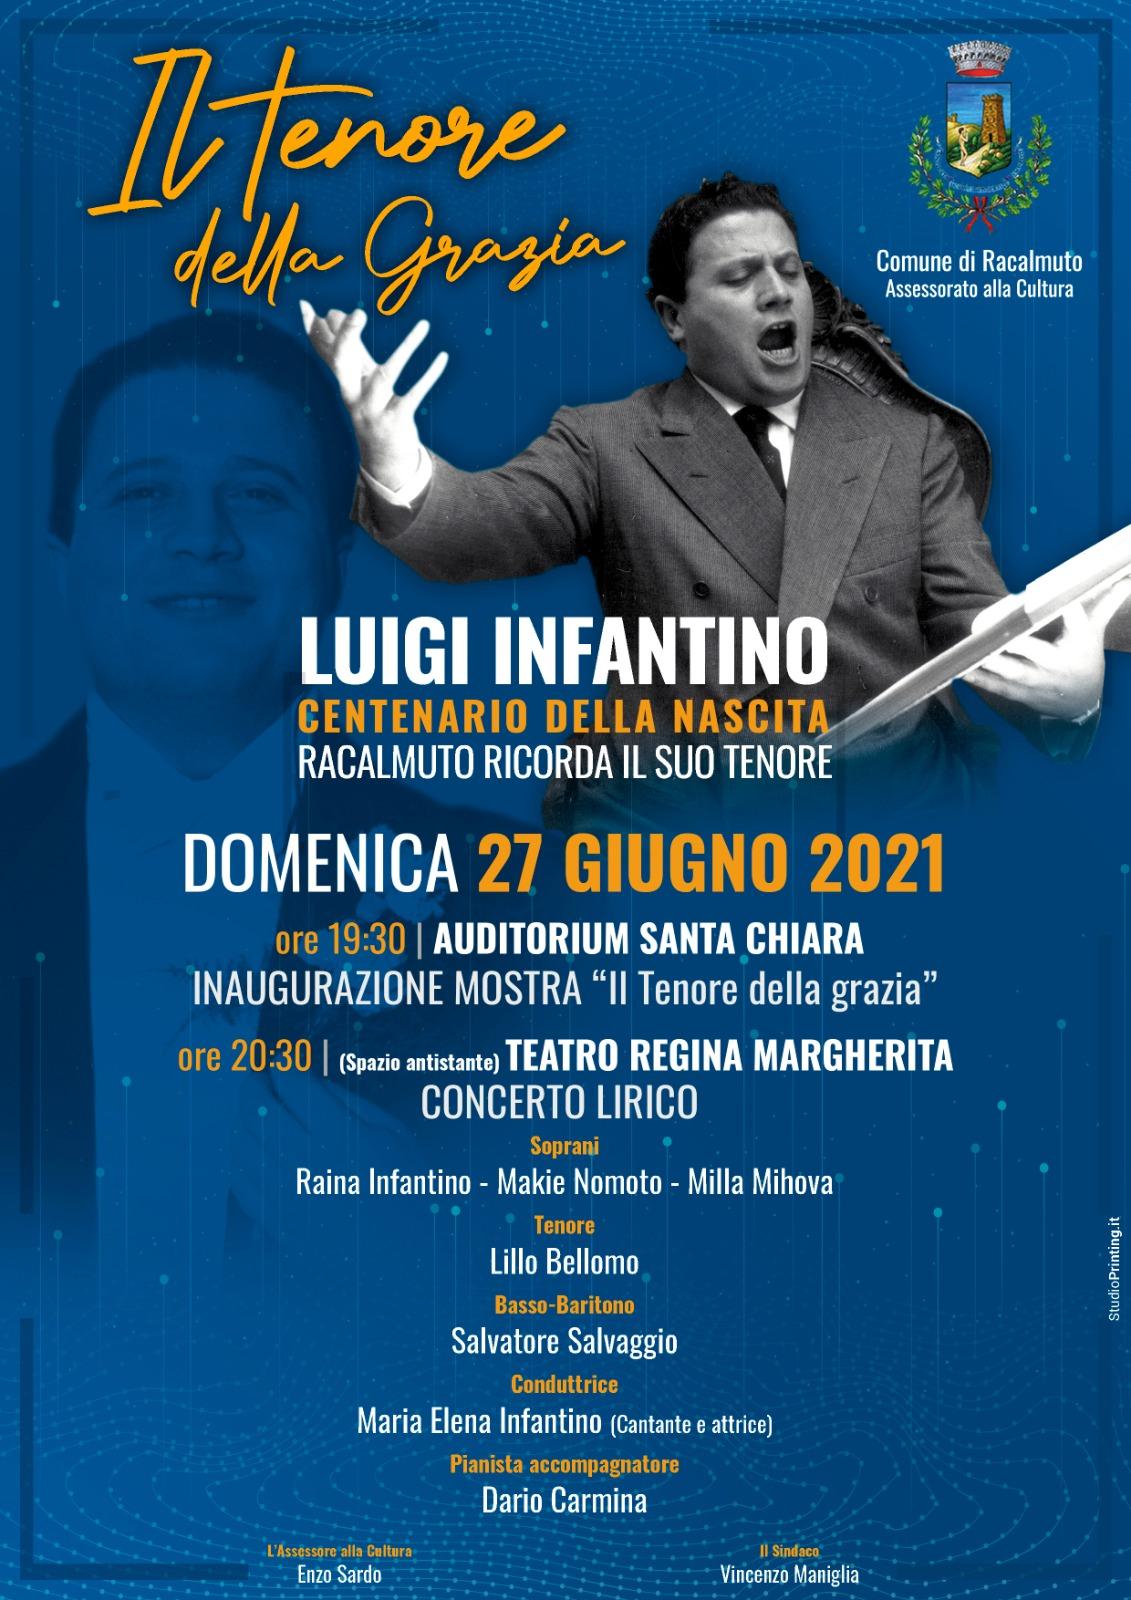 Luigi Infantino, il tenore della grazia